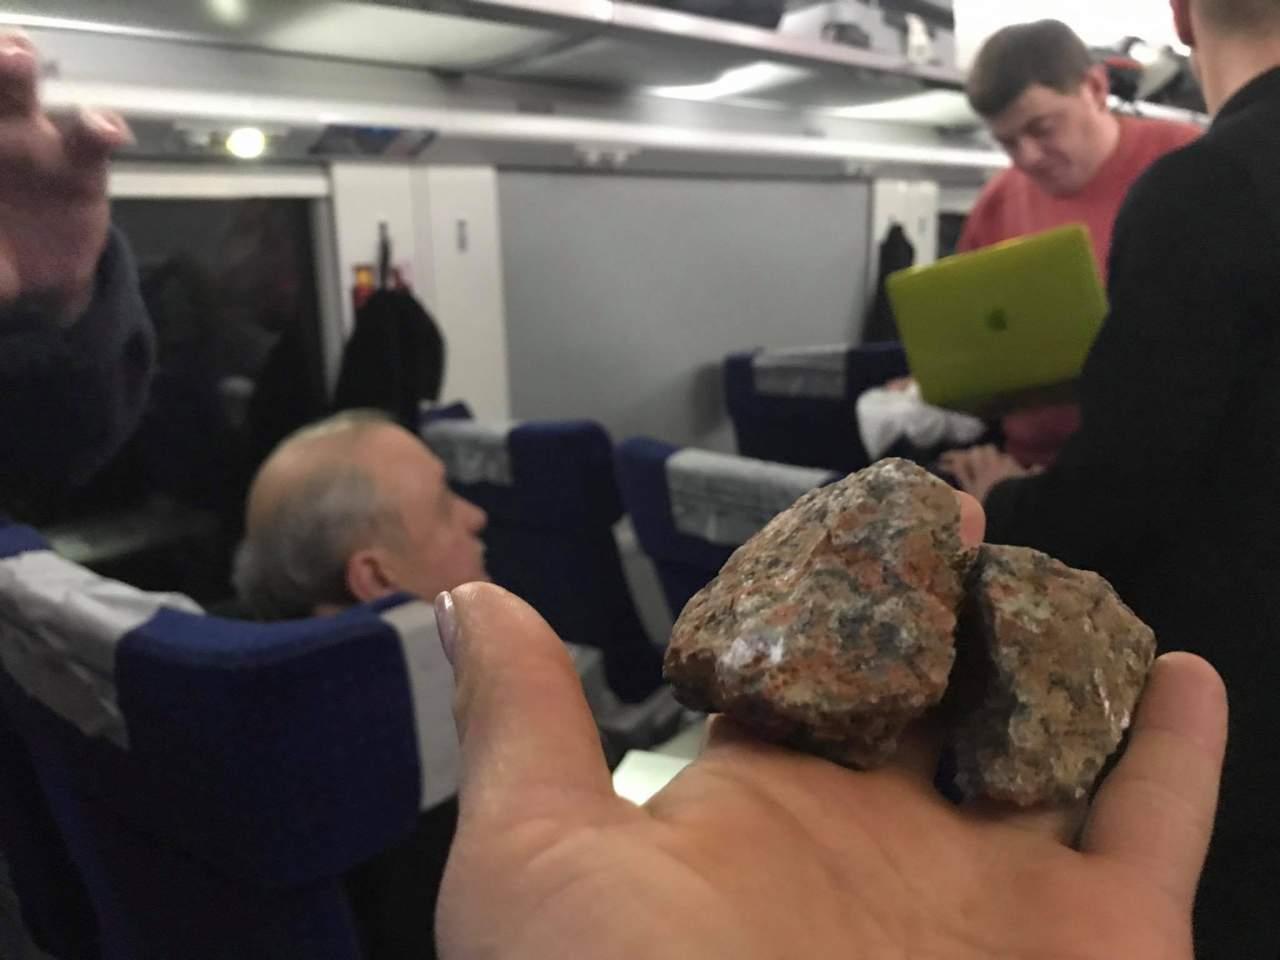 Руслана Лыжичко едва не пострадала от хулигана, который разбил окно поезда (Фото)